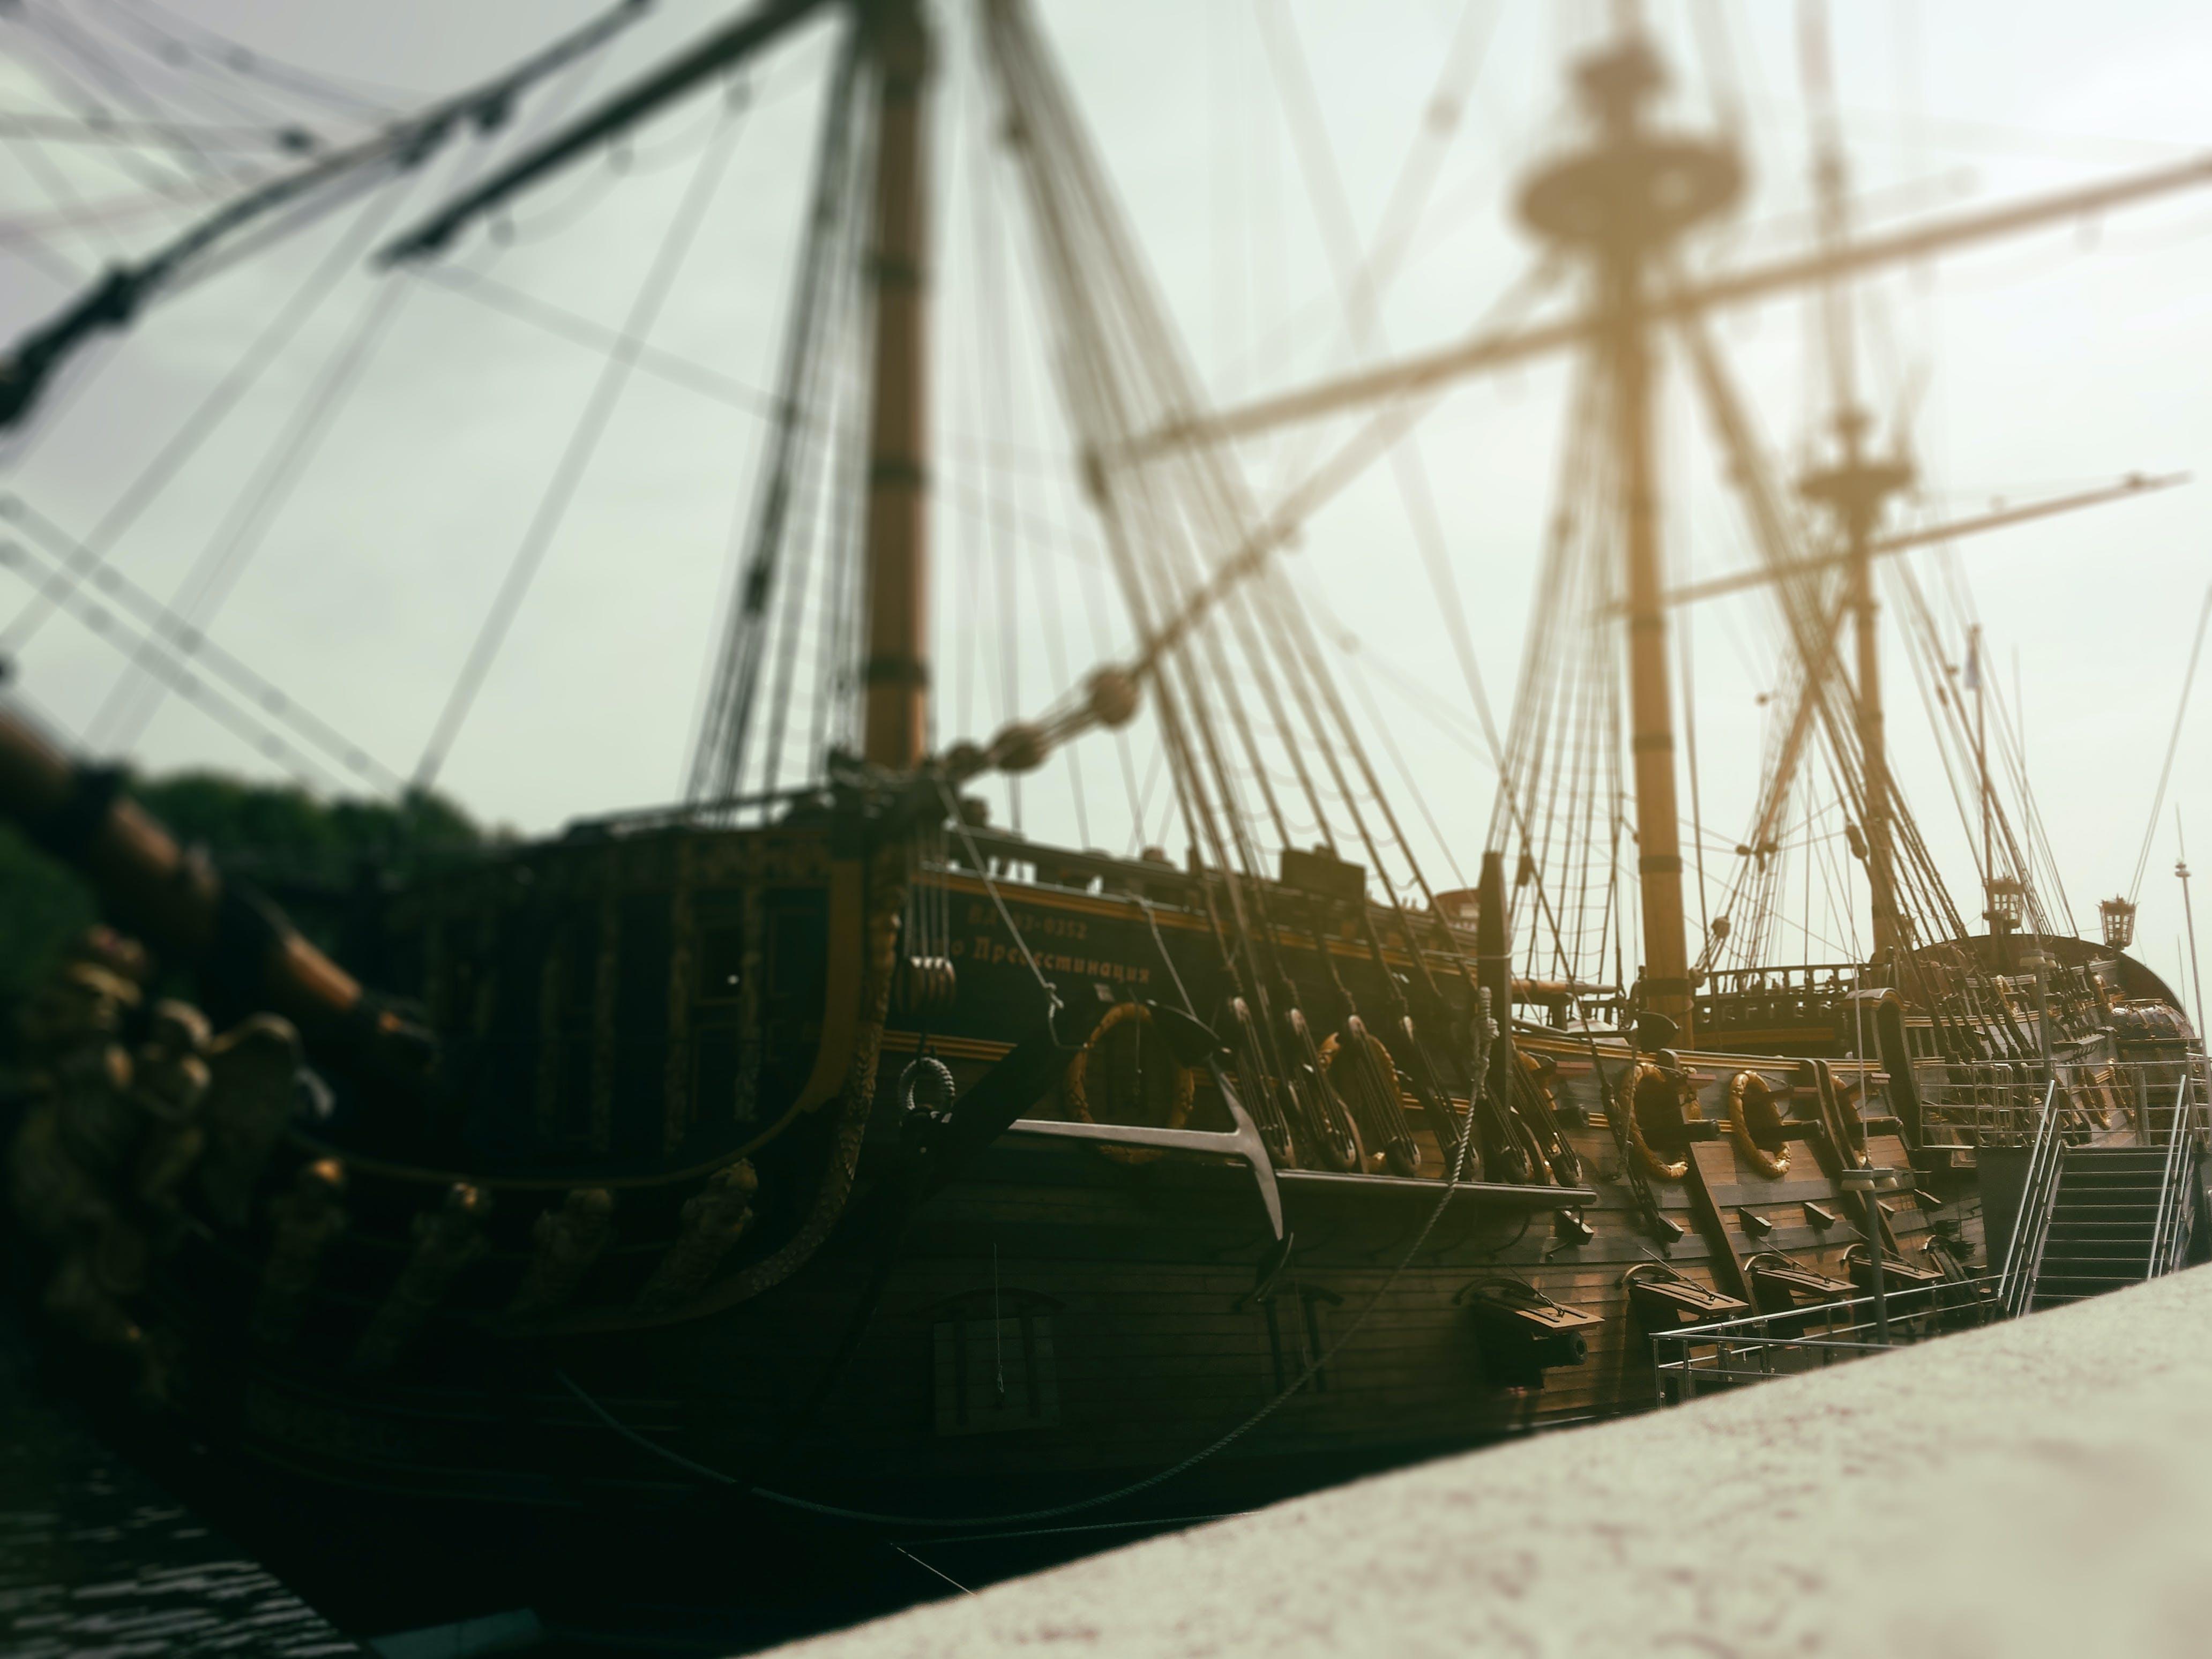 Δωρεάν στοκ φωτογραφιών με ήλιος, καλοκαίρι, καράβι, λαμπρός